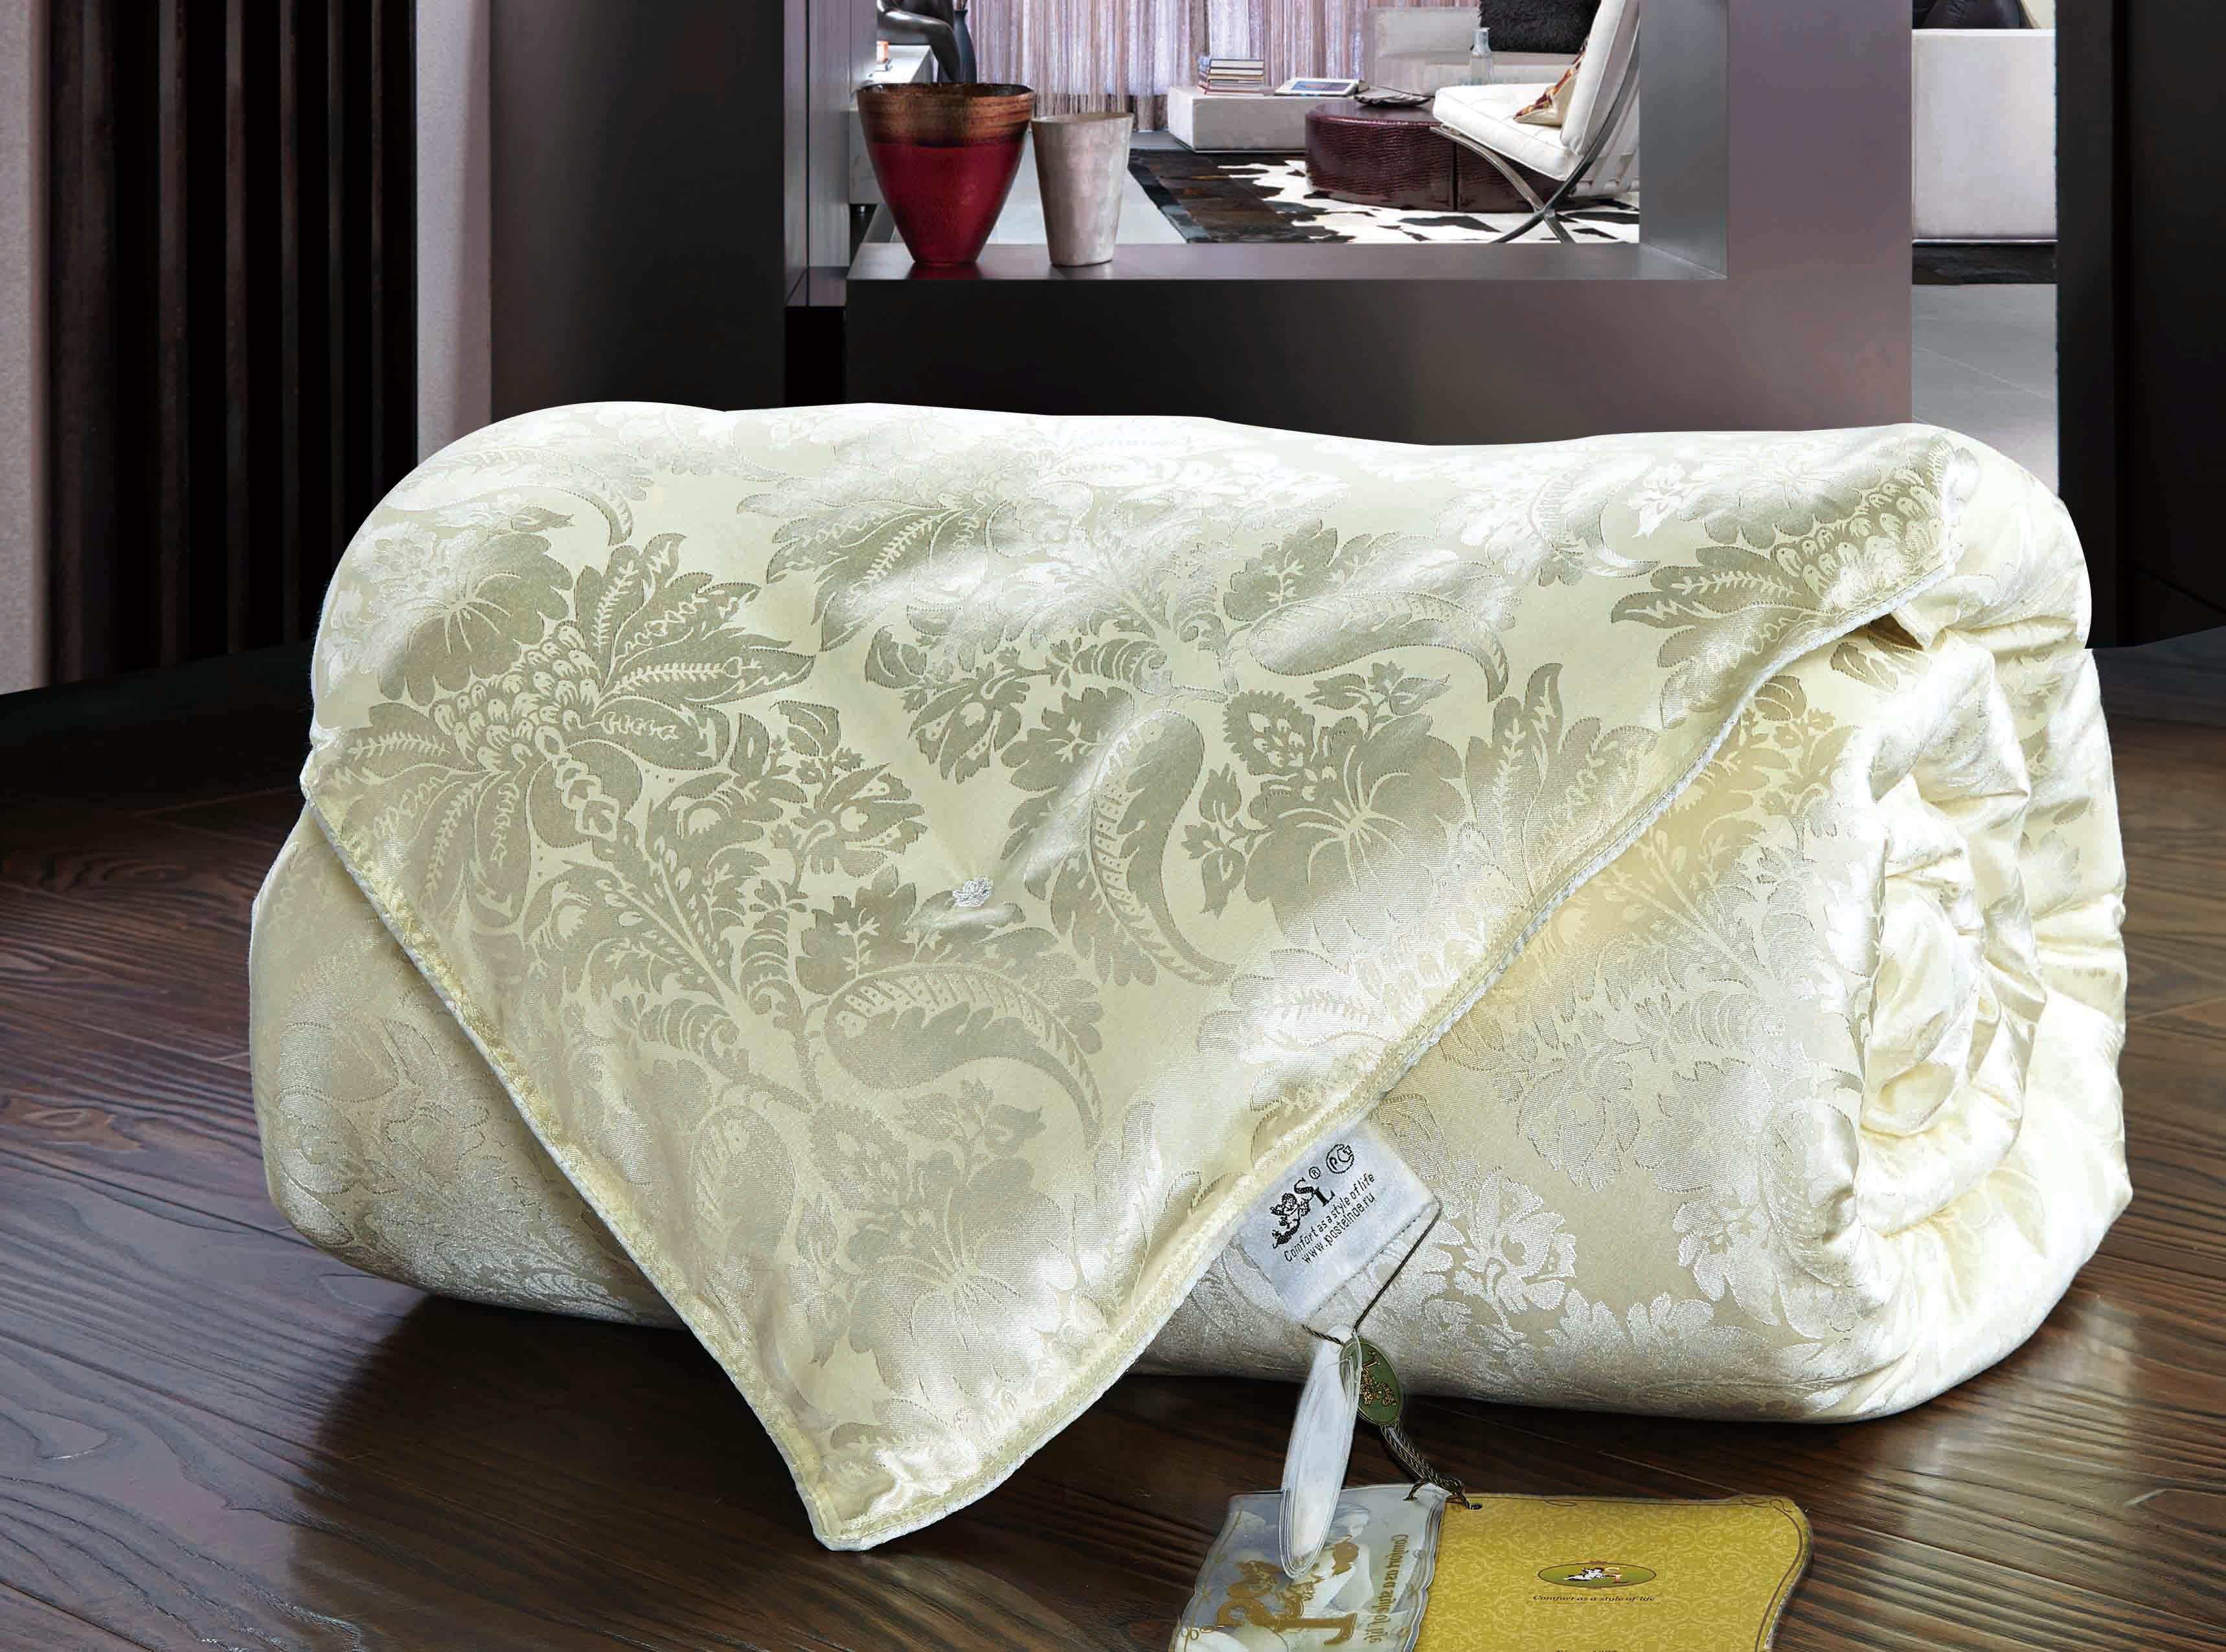 Одеяла SL Одеяло Шелк Всесезонное Цвет: Бежевый (140х205 см) одеяло лэмби цвет бежевый 140 х 205 см